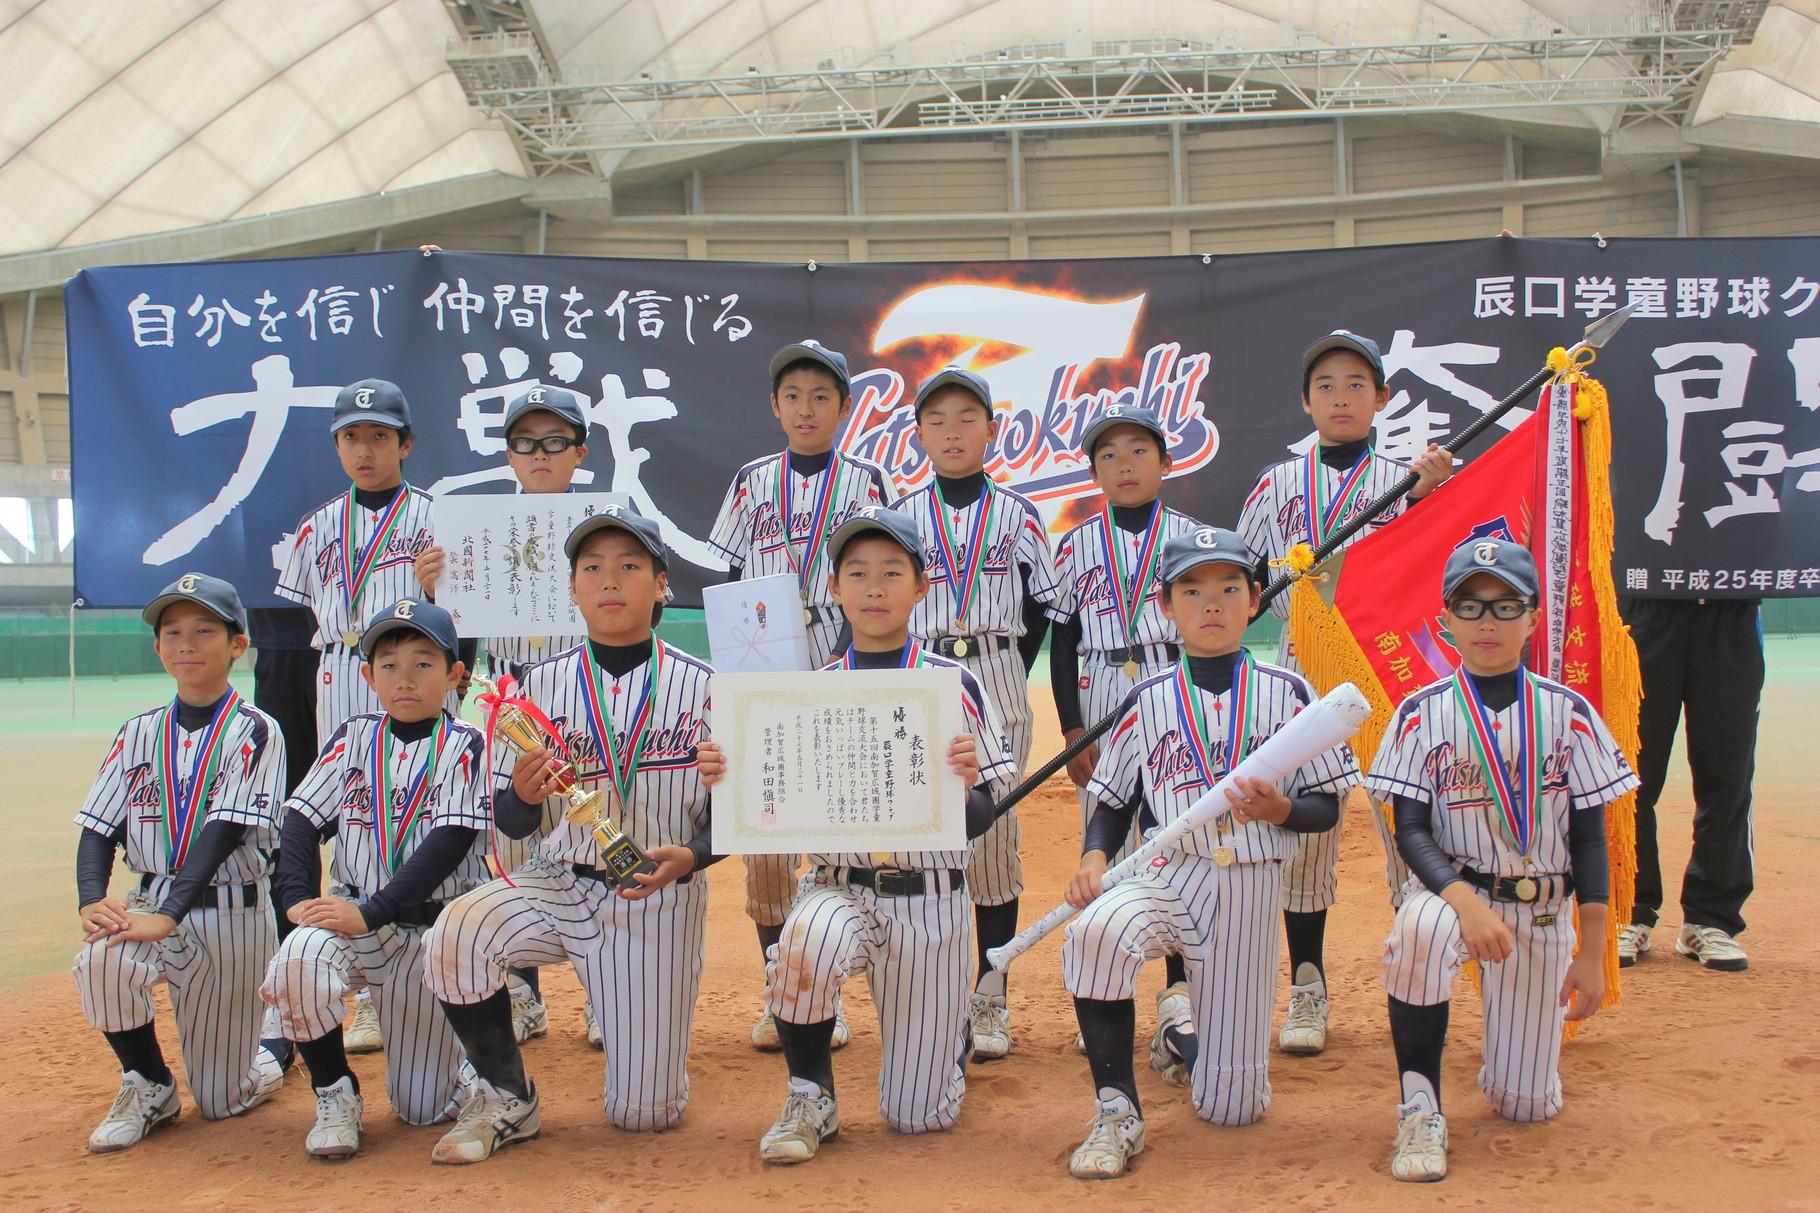 優勝‐辰口学童野球クラブ